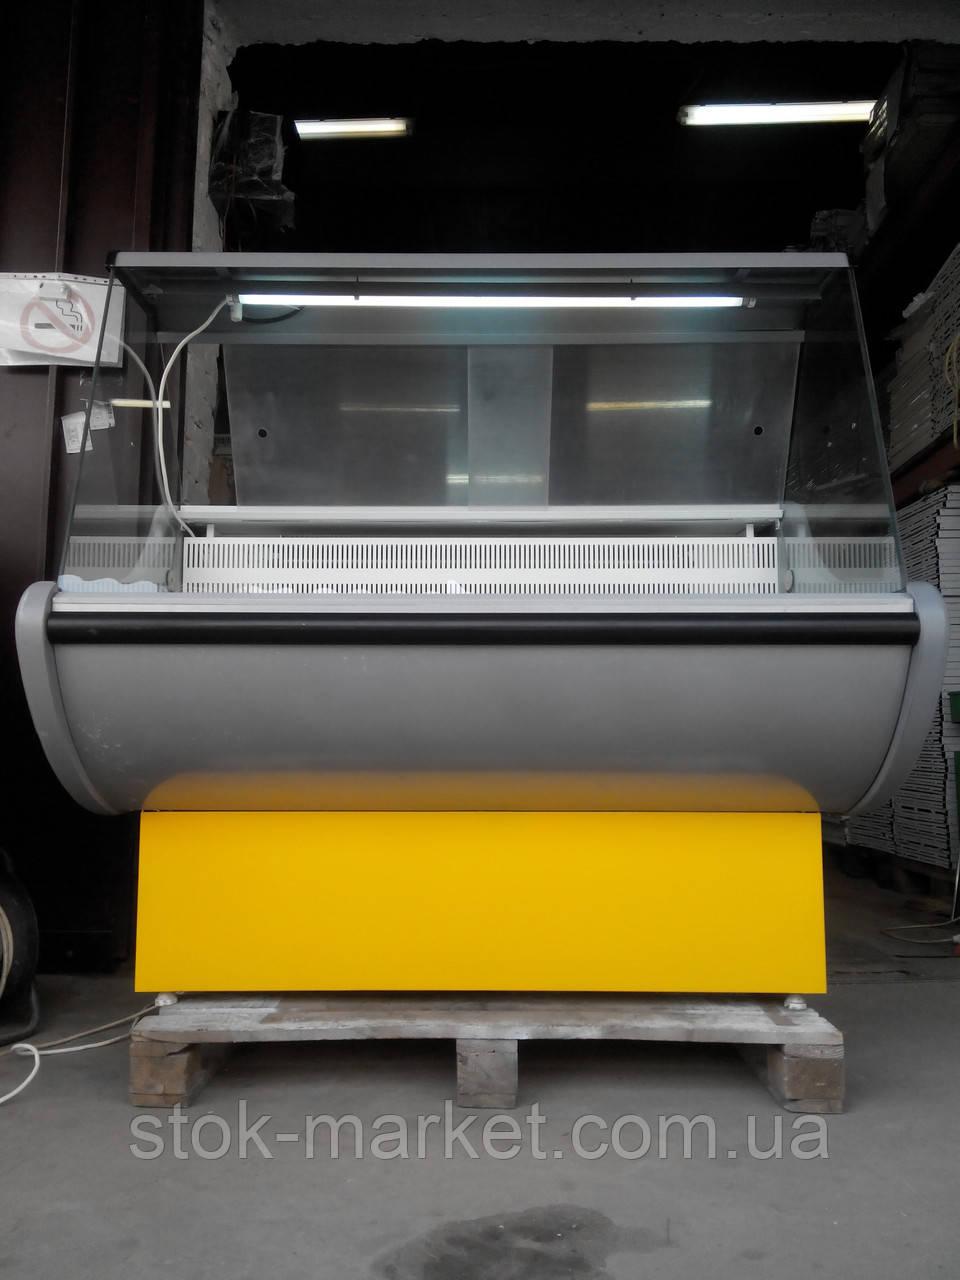 Холодильная витрина Росс Rimini 1,3 м. б у, холодильный прилавок б/у, камера холодильная б/у, витрина б/у